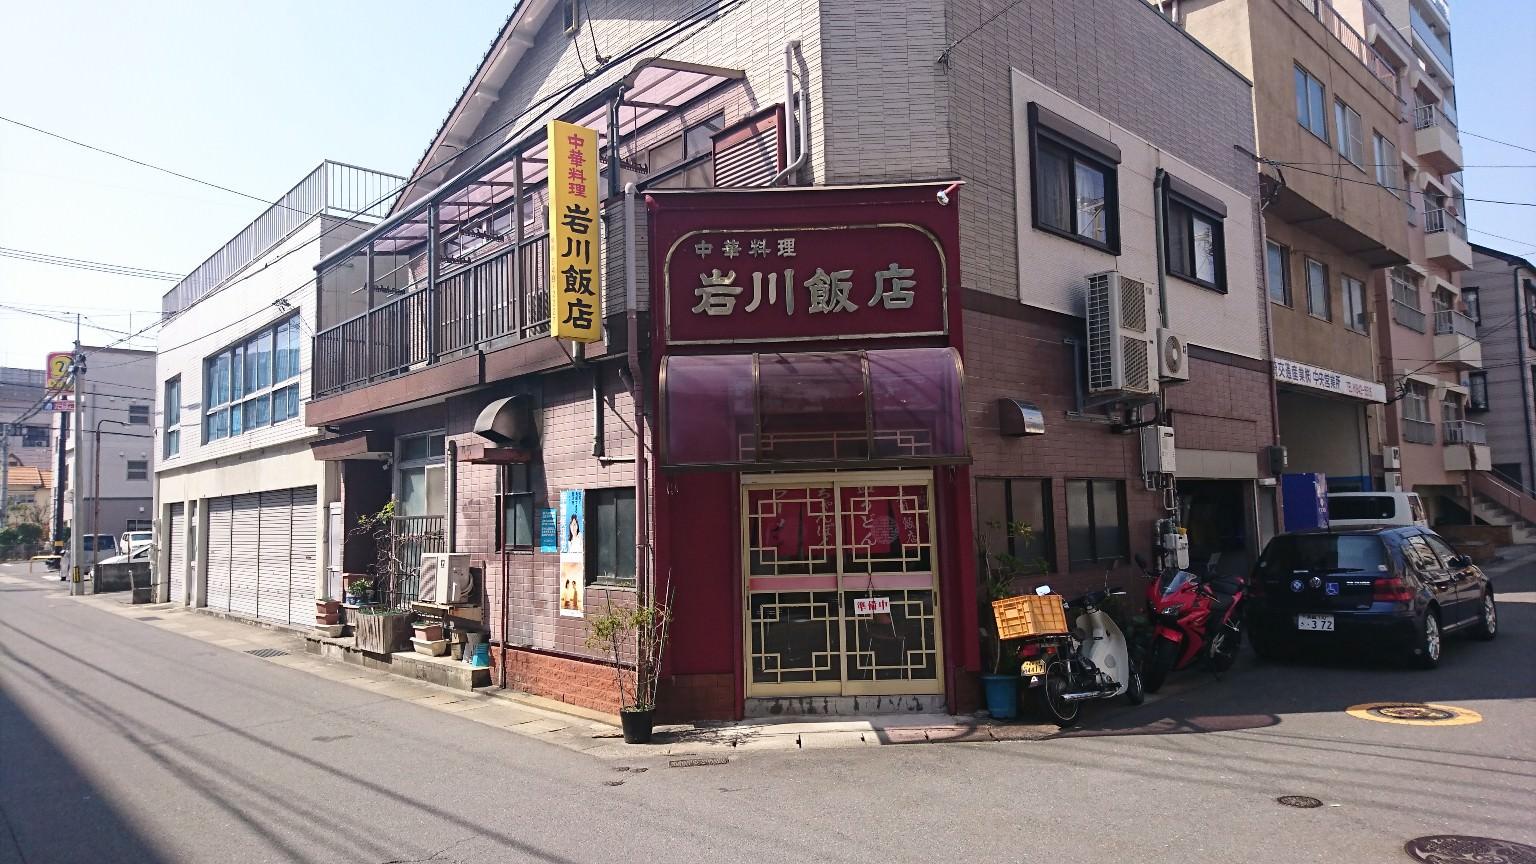 【岩川飯店3/31閉店】浦上駅近くのチャンポン名店がまもなく閉店